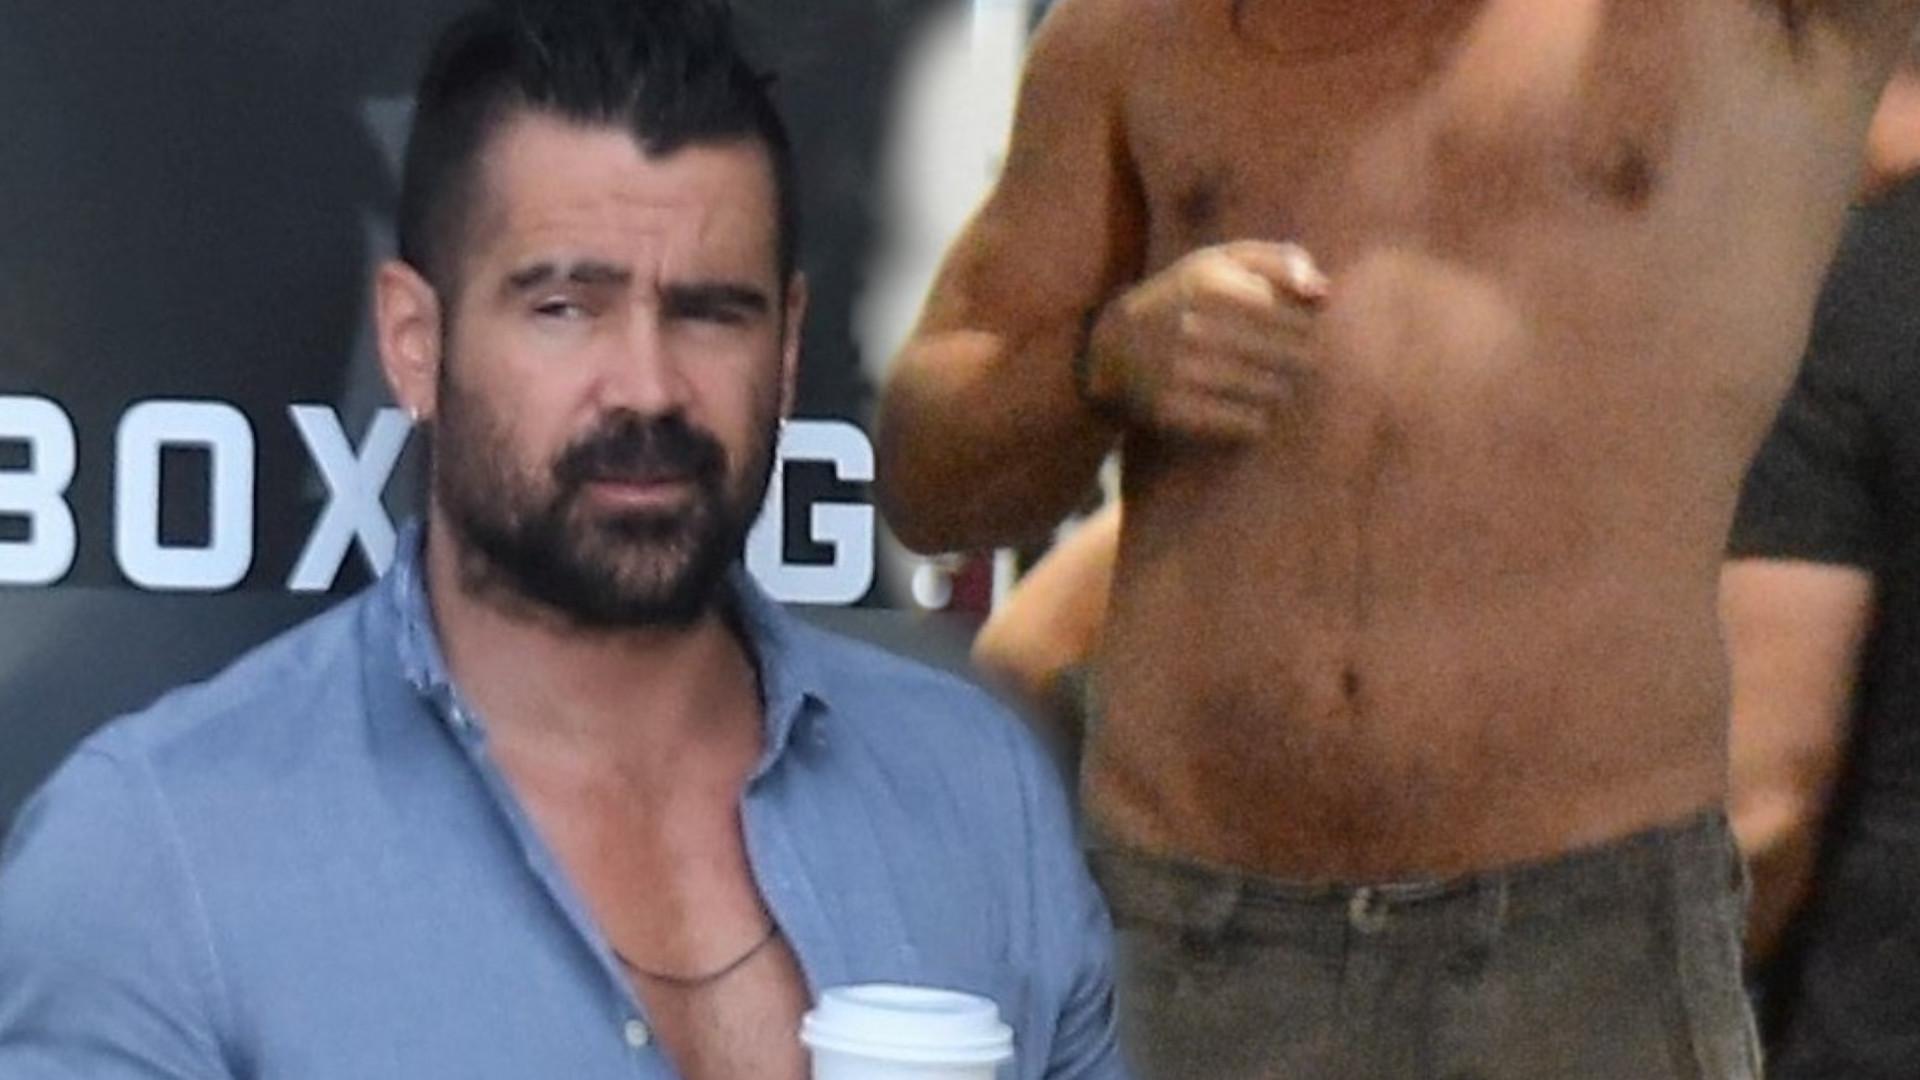 Colin Farrell od tygodni pakuje na siłowni. Trochę mu się przytyło (ZDJĘCIA)